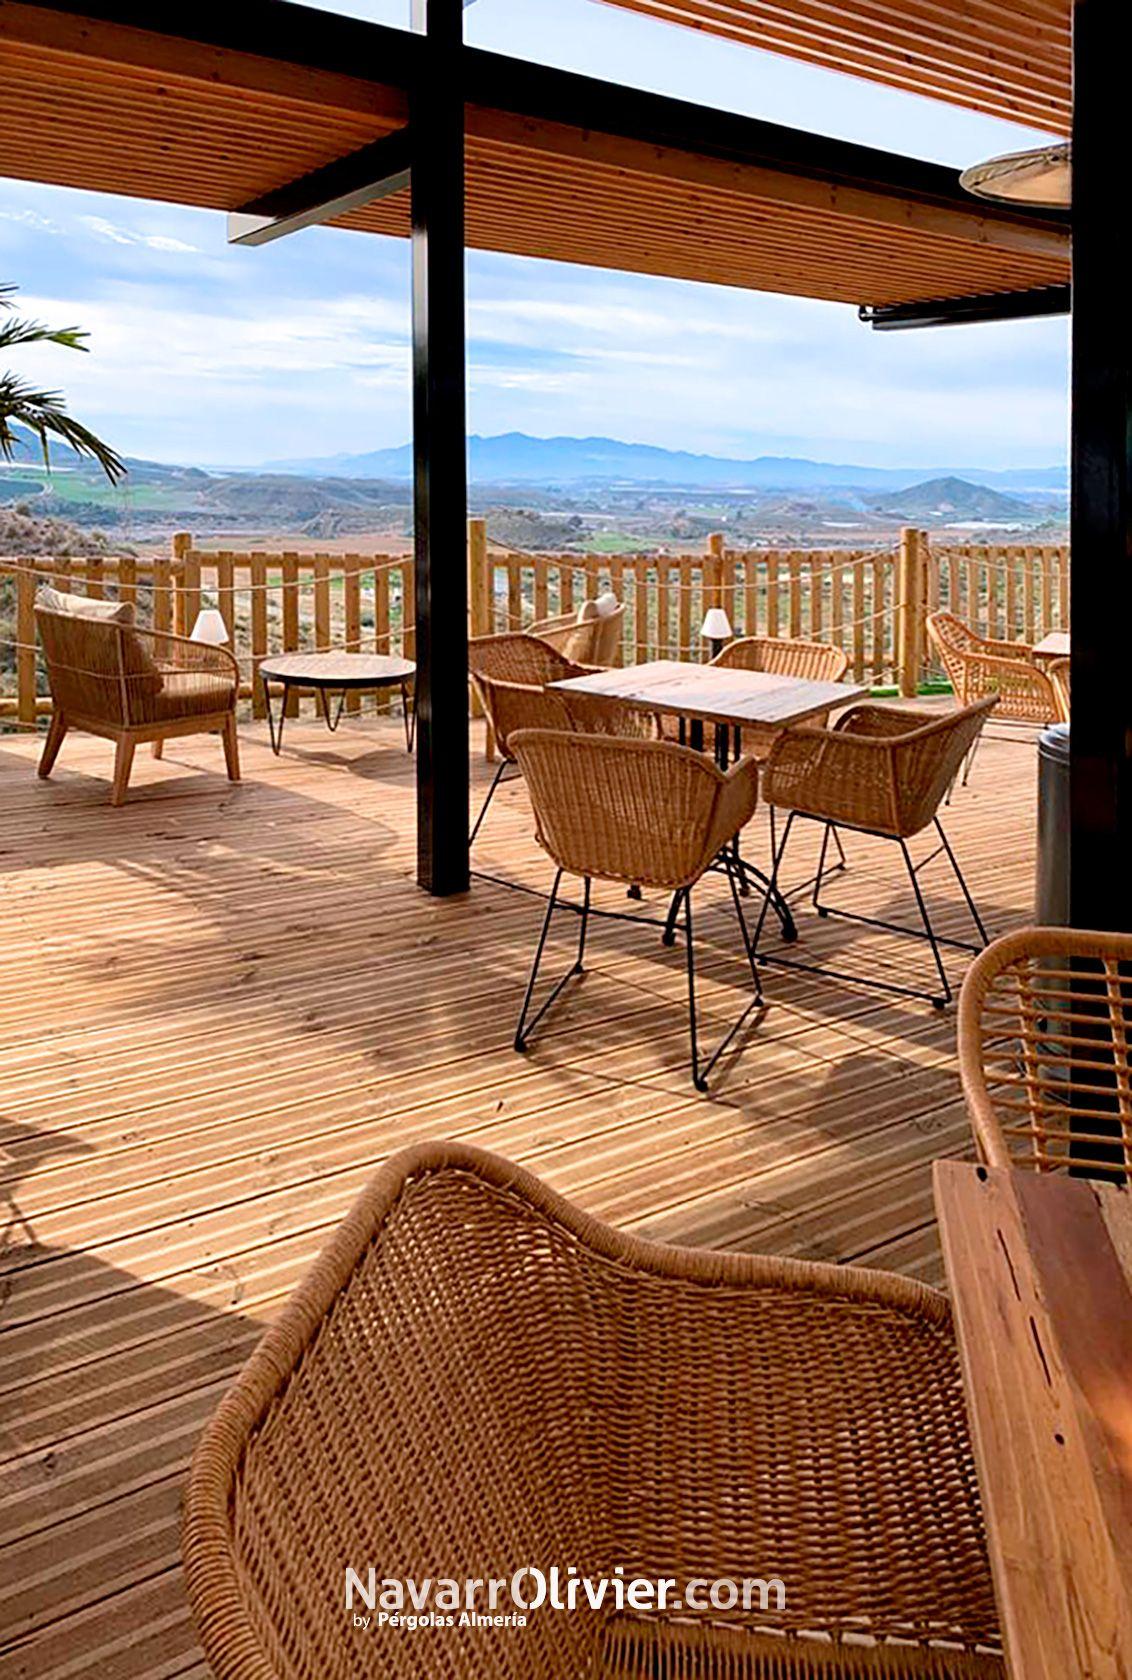 Terraza Mirador Restaurante La Fabrica En 2020 Decoracion De Unas Arquitectura Madera